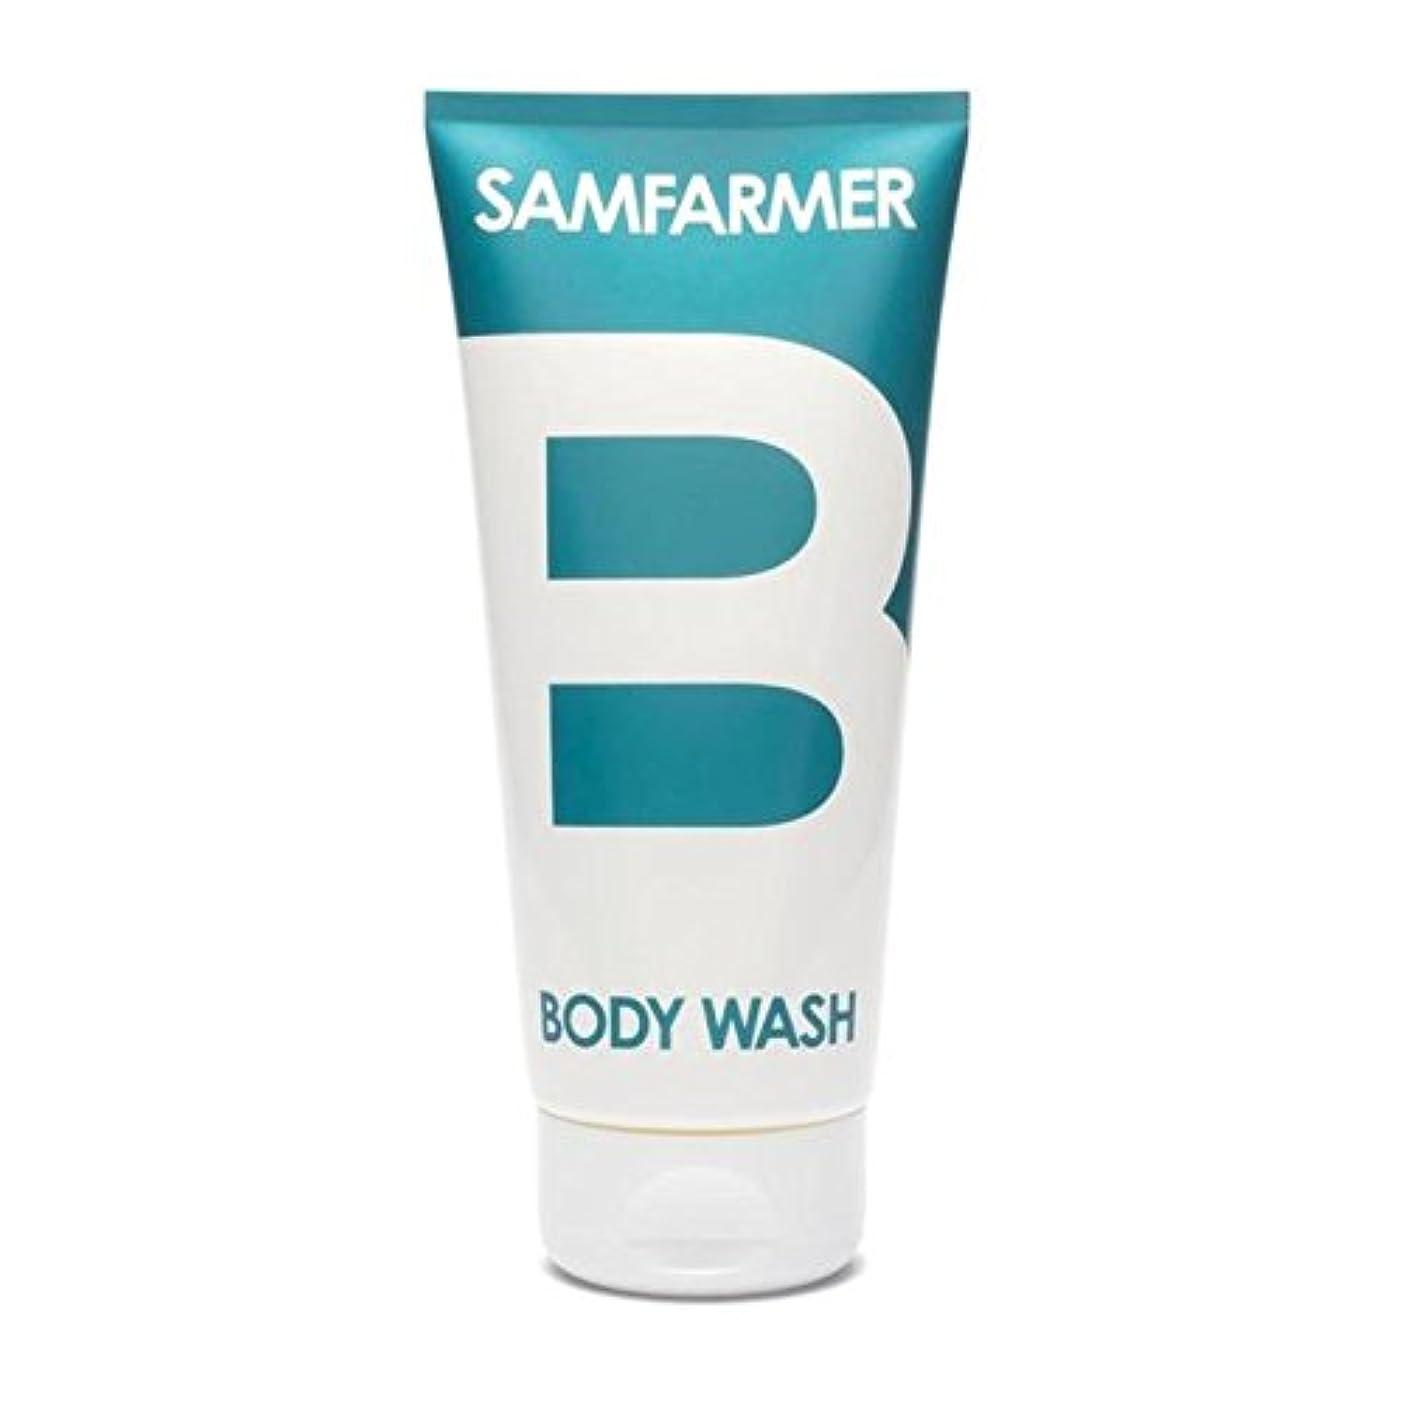 治安判事感覚混乱したユニセックスボディウォッシュ200ミリリットル x4 - SAMFARMER Unisex Body Wash 200ml (Pack of 4) [並行輸入品]